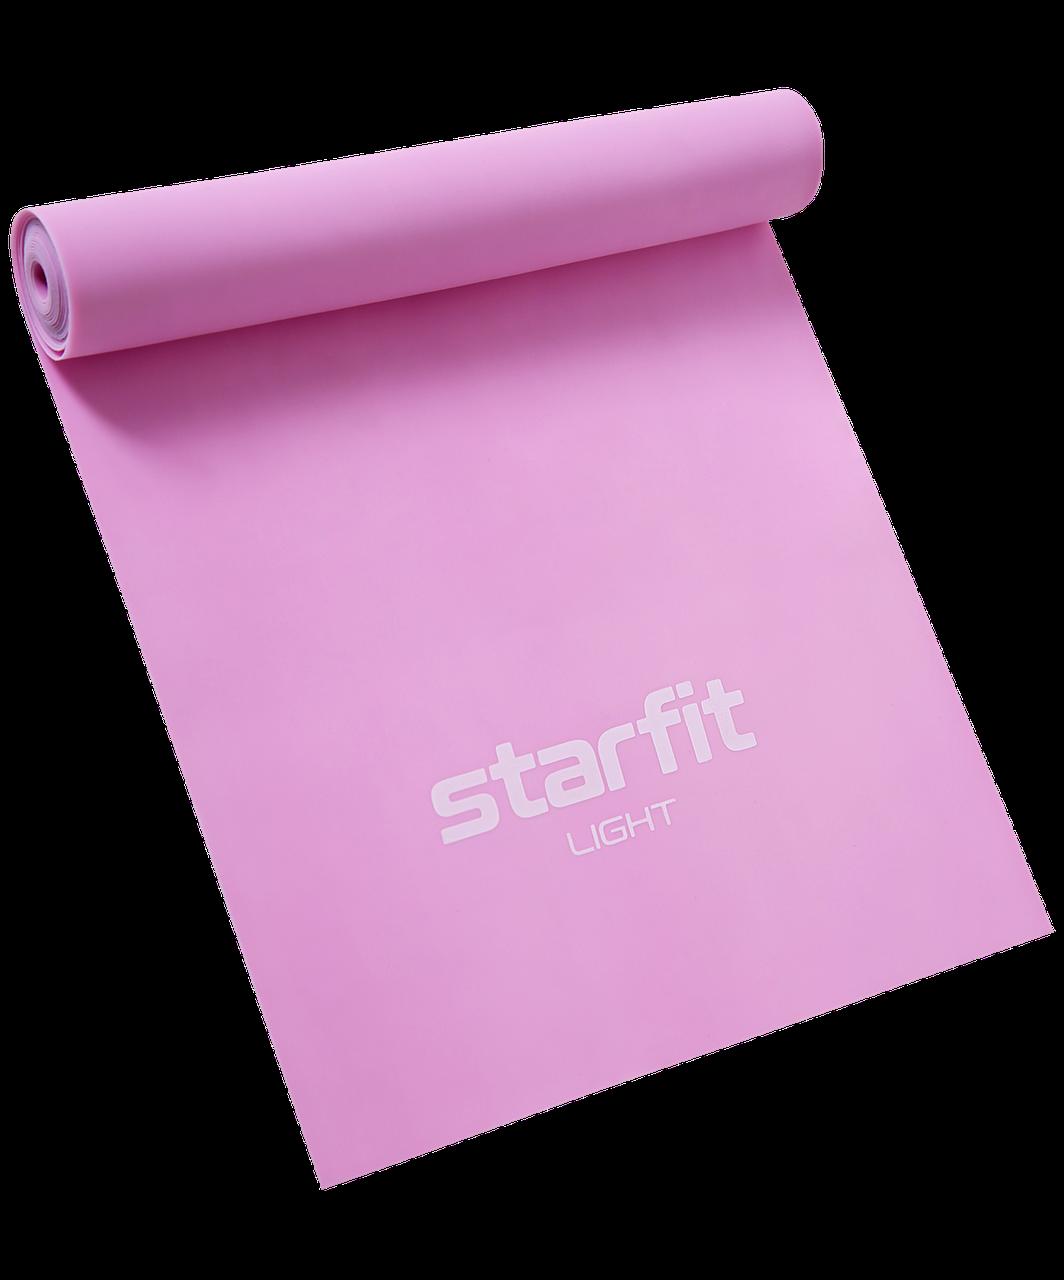 Лента для пилатеса  ES-201 Starfit